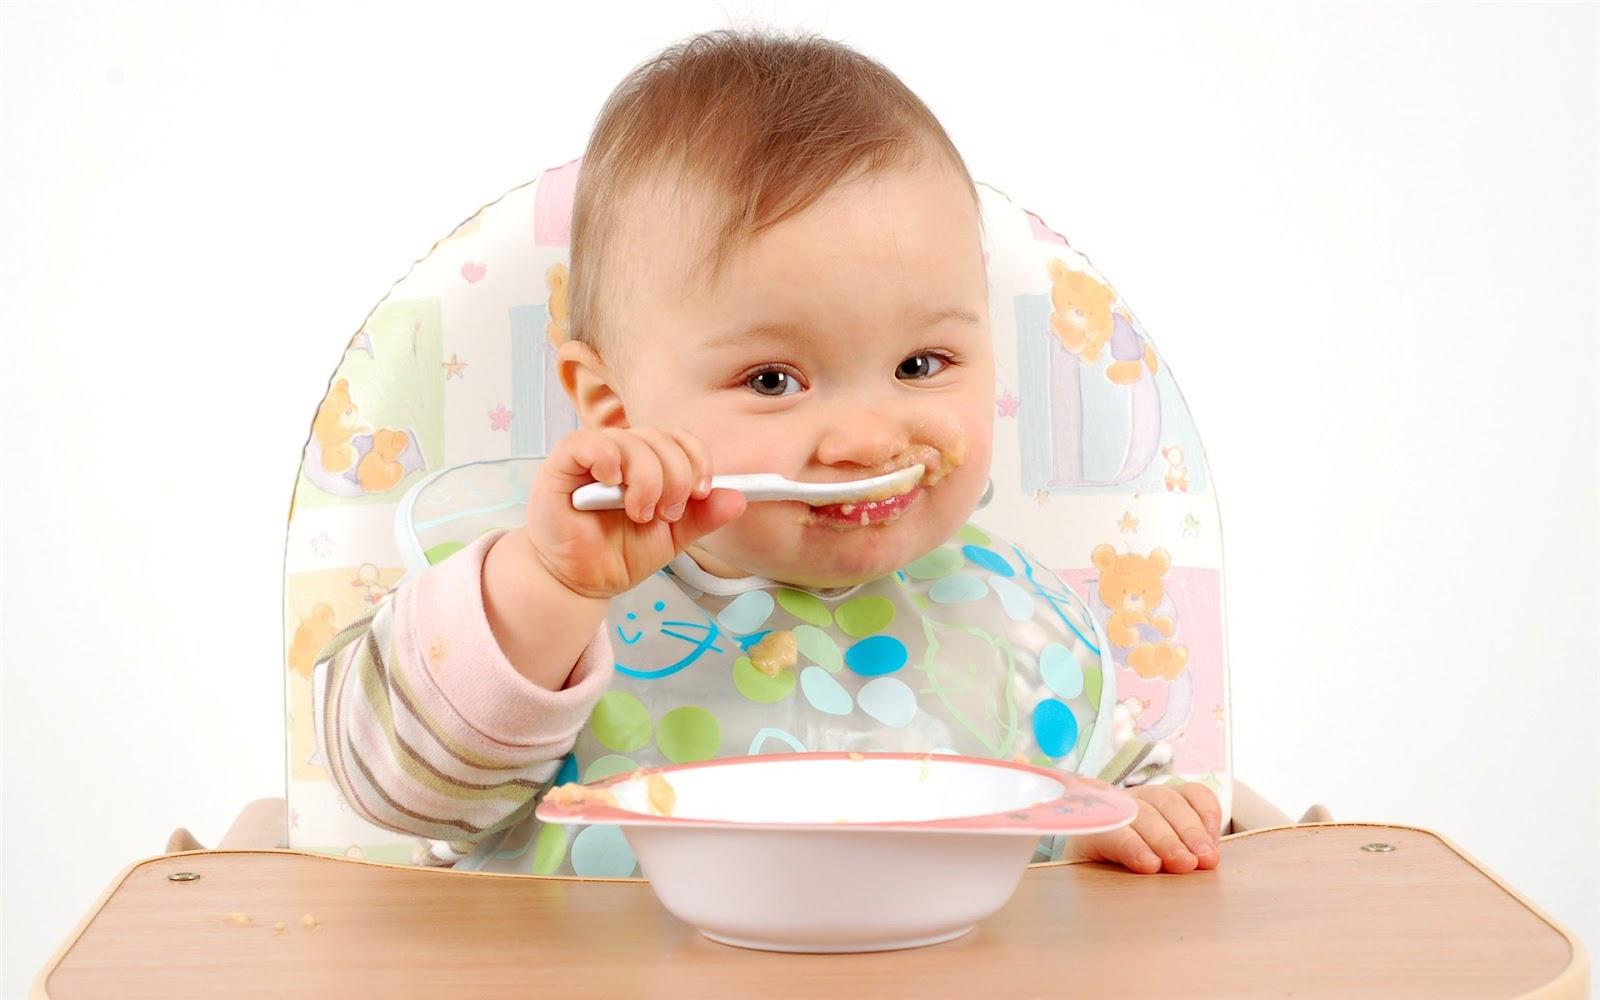 http://3.bp.blogspot.com/-ry57utRaOUM/UORjf4YqDRI/AAAAAAAAASU/OIZ6Z331Ptc/s1600/nice+baby+hd+wallpapers.png